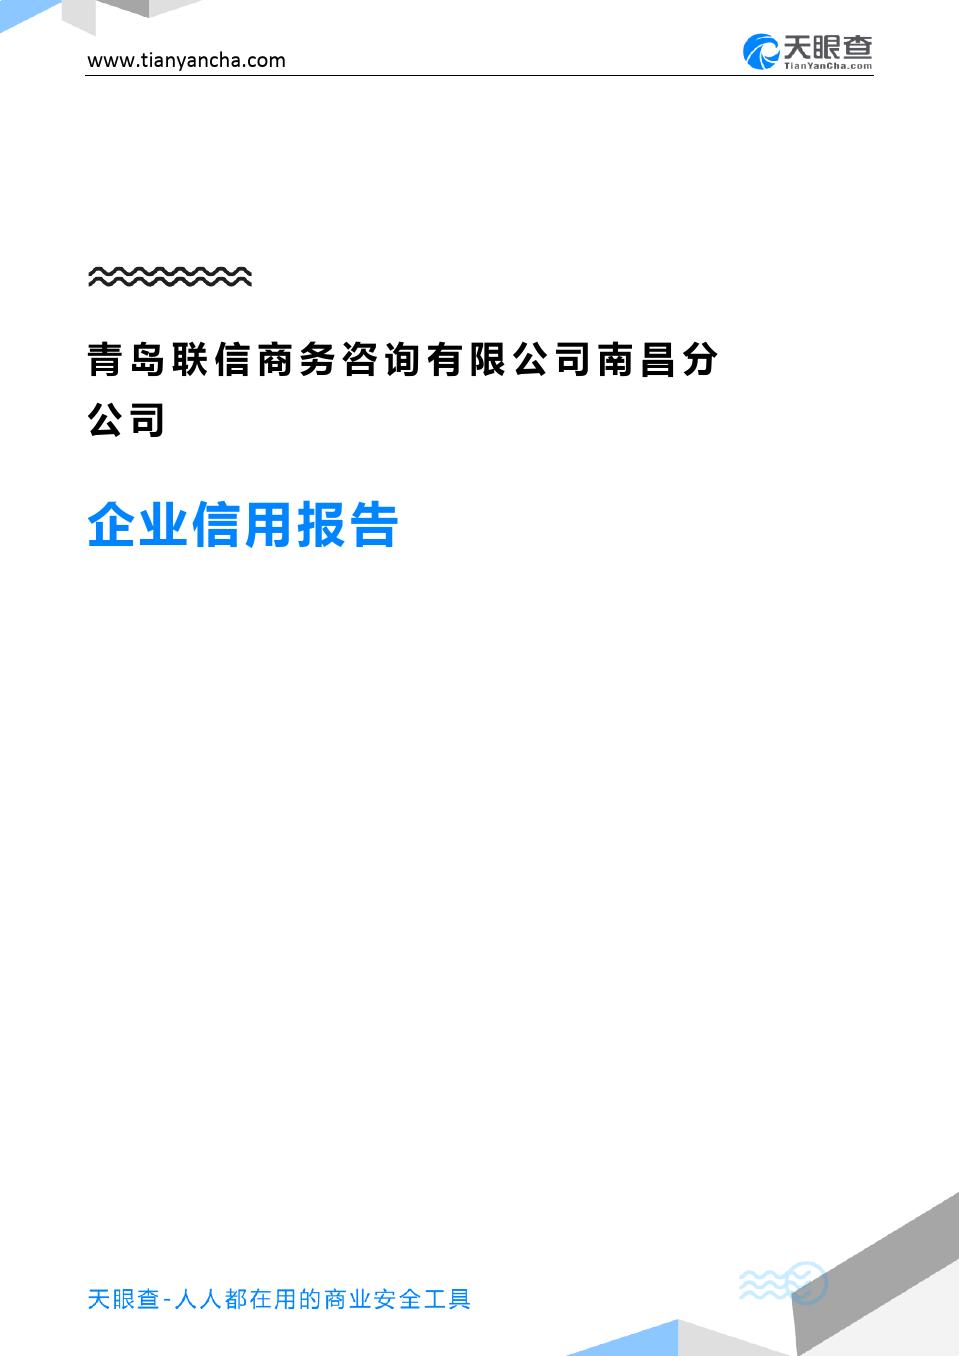 青岛联信商务咨询有限公司南昌分公司(企业信用报告)- 天眼查